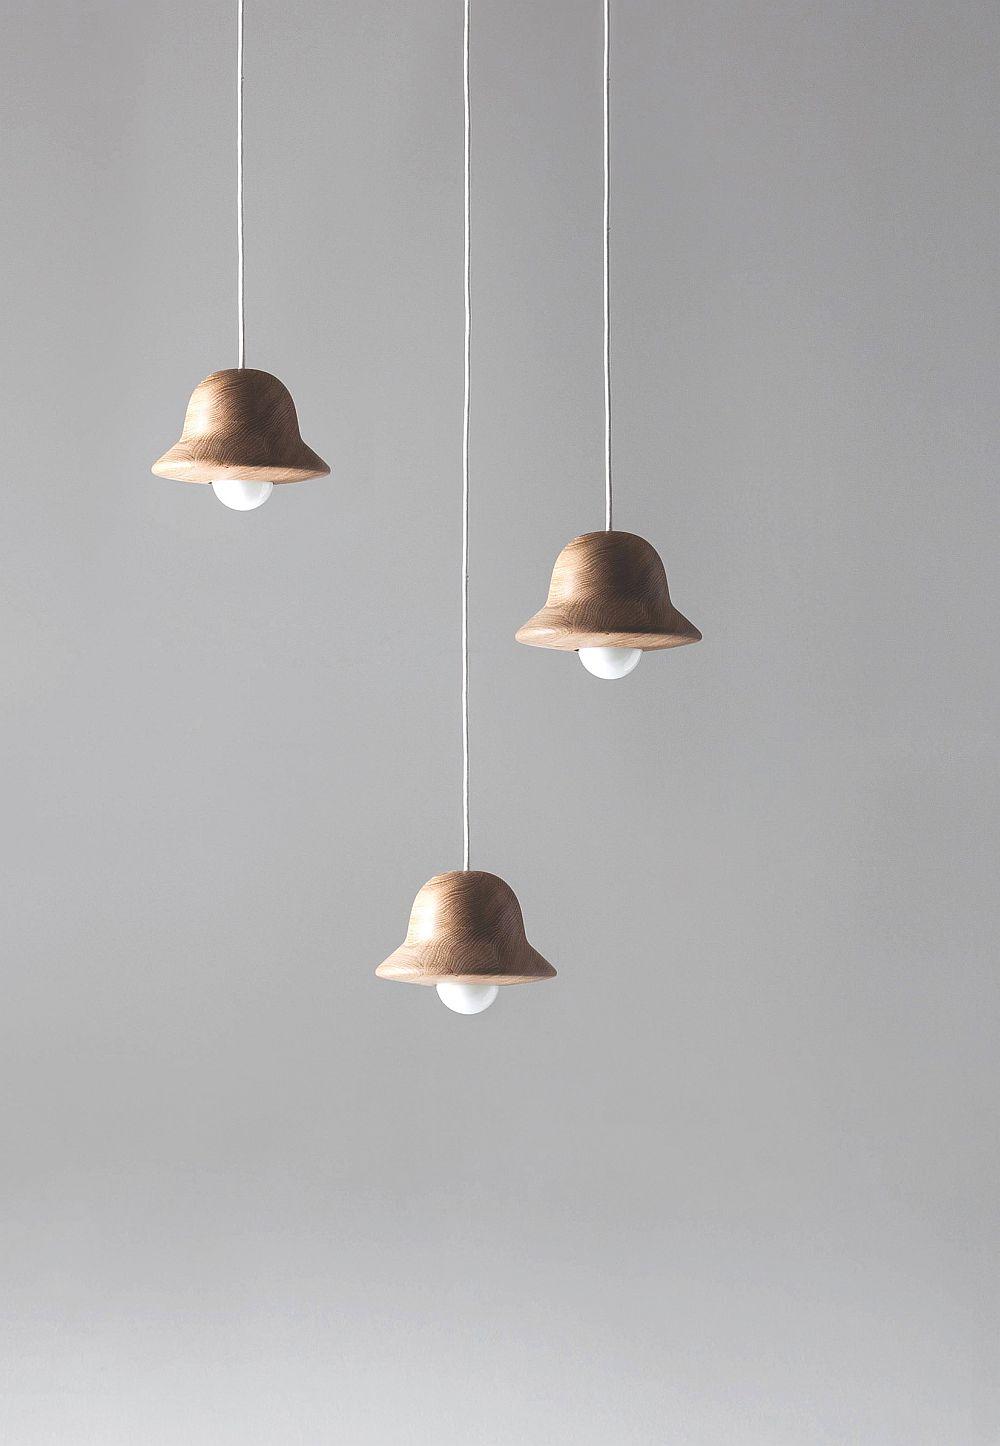 Подвесные светильники из дерева с минимум украшений - фото 6